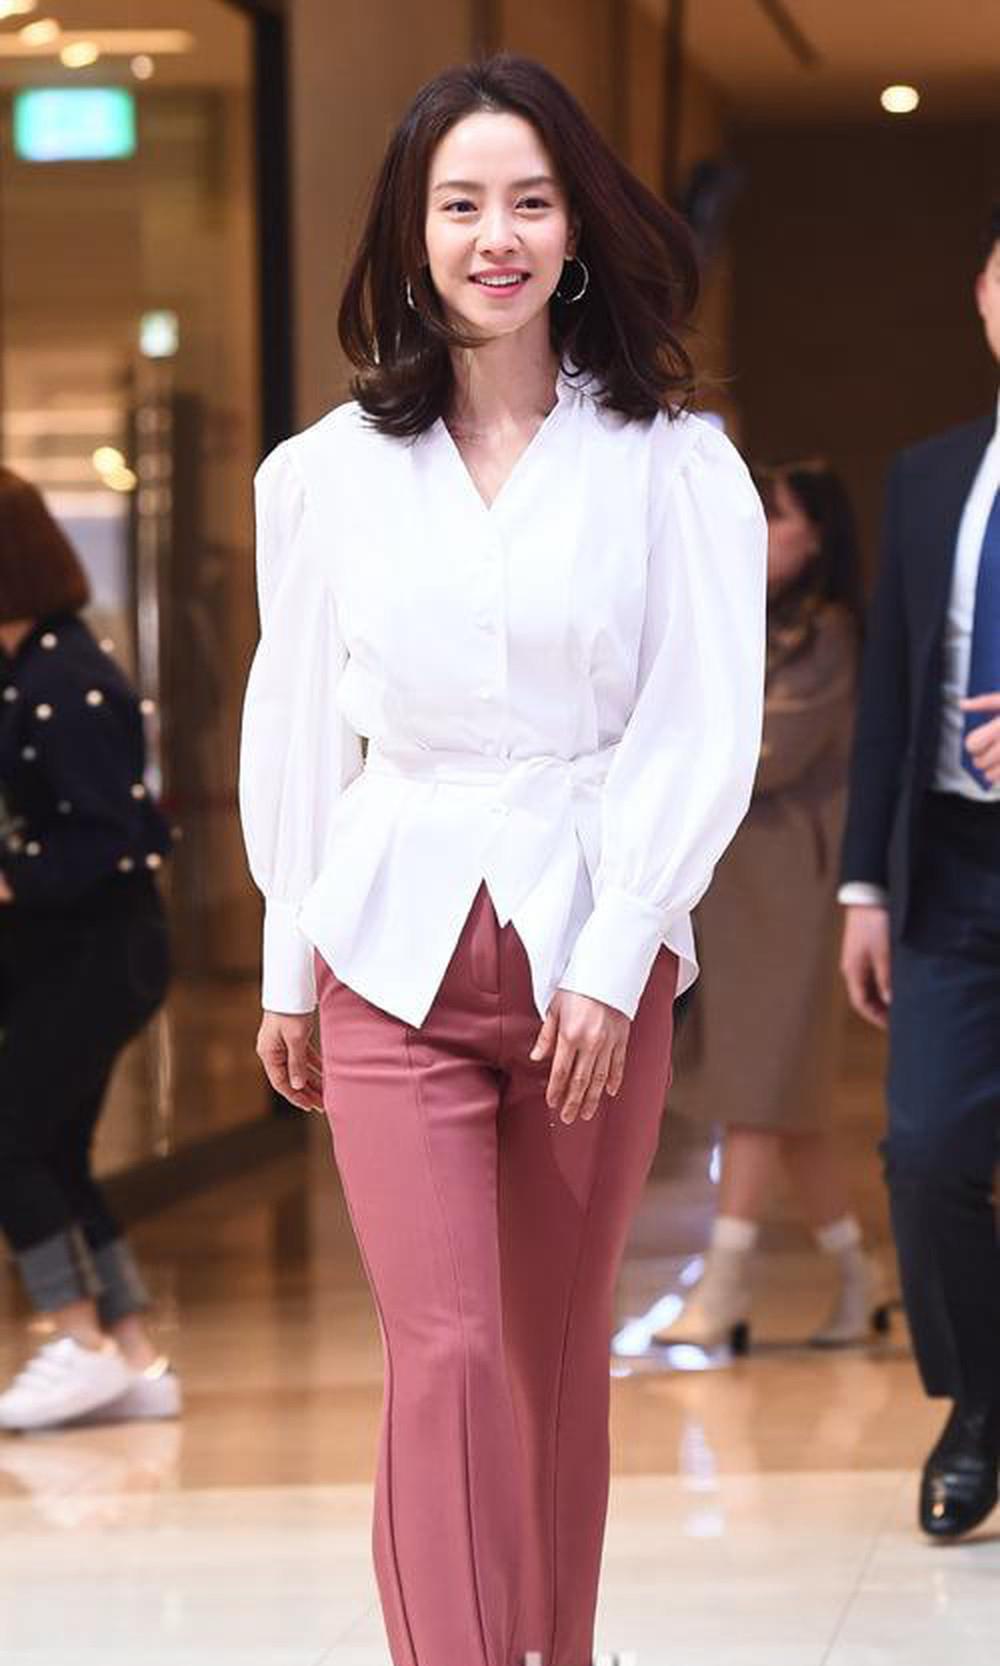 Đen và trắng là 2 gam màu được nữ diễn viên yêu thích. Cô liên tục mặc set đồ từ năng động đến nữ tính mang 2 màu này lên thảm đỏ.